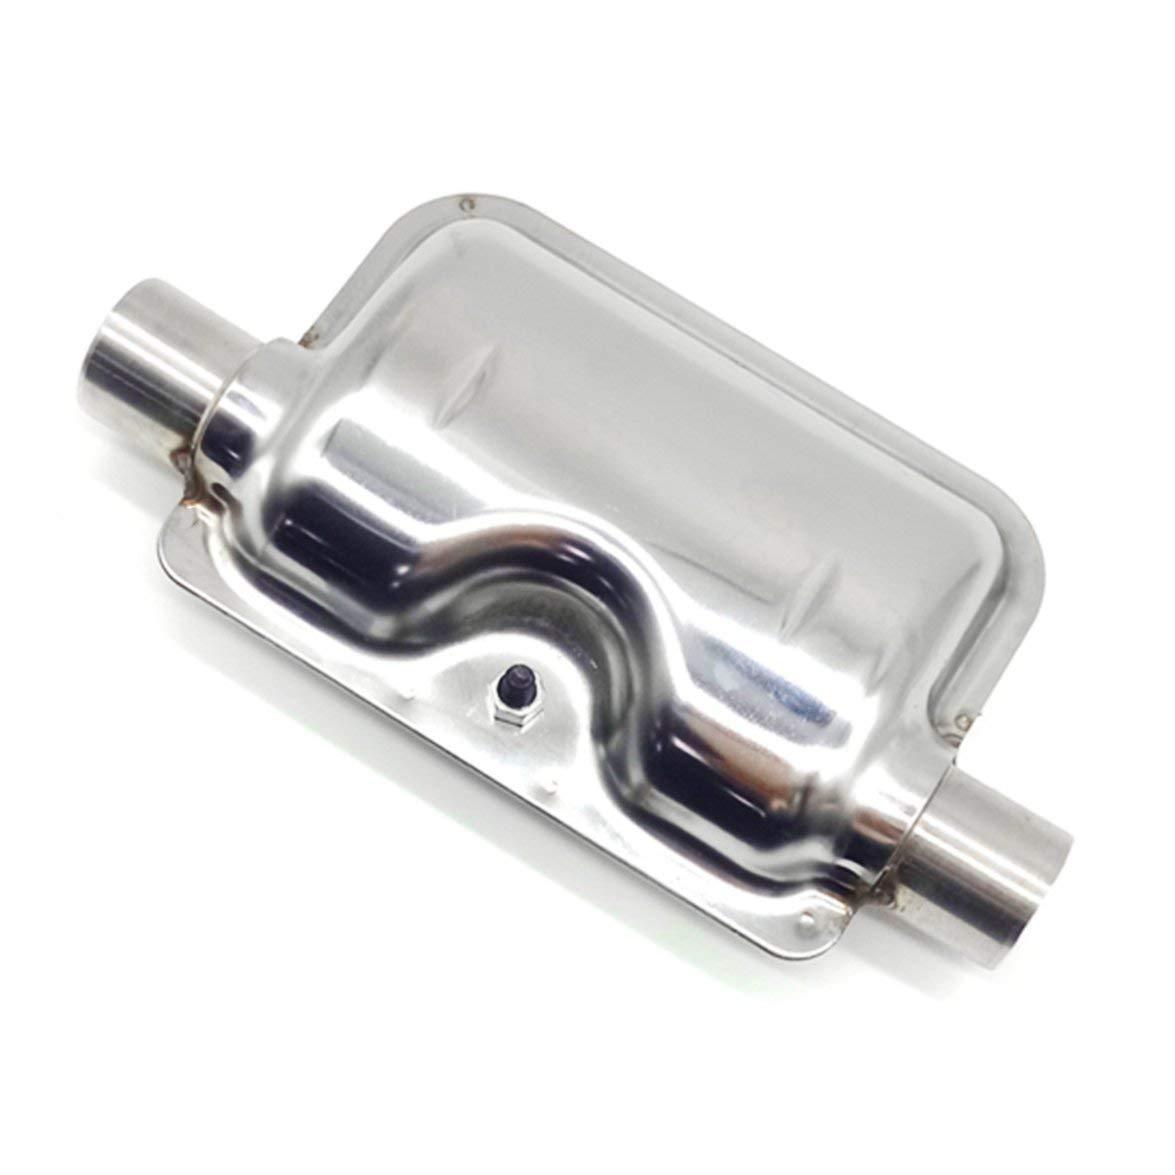 Silenziatore Kongqiabona Universal Design Terminale di scarico in acciaio inox Silenziatore Tubo Street Pit per moto moto 38-51mm